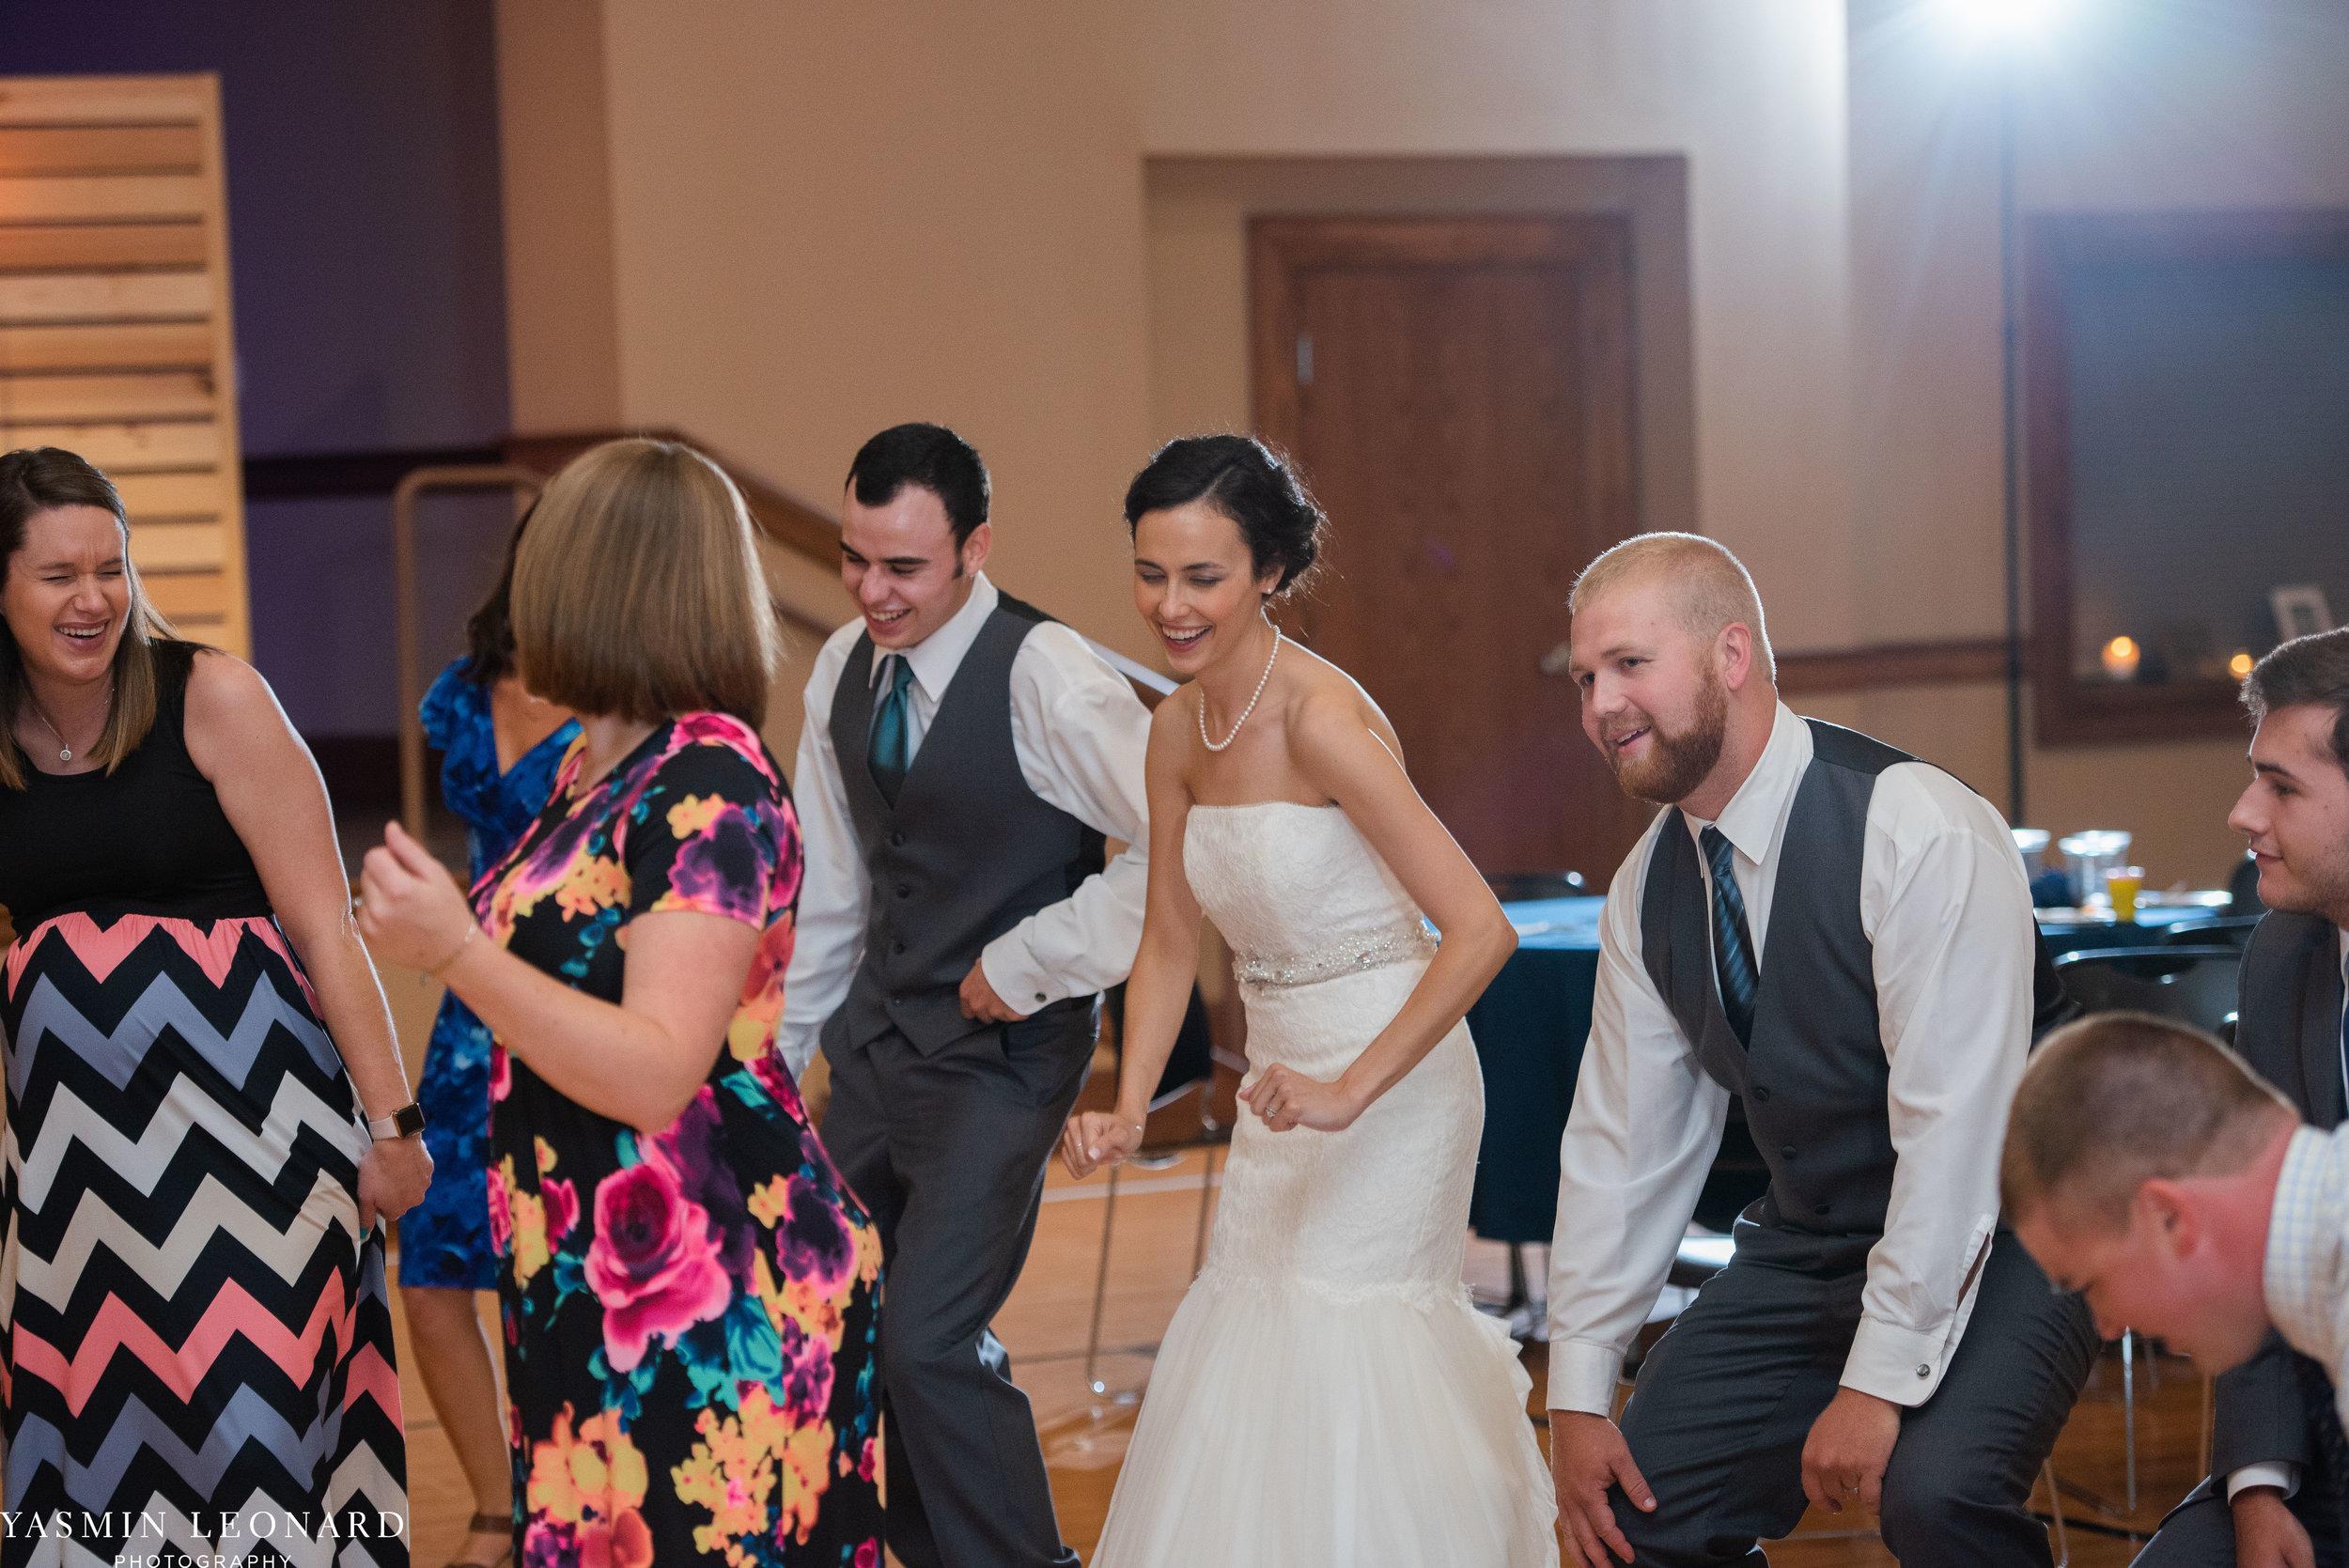 Mt. Pleasant Church - Church Wedding - Traditional Wedding - Church Ceremony - Country Wedding - Godly Wedding - NC Wedding Photographer - High Point Weddings - Triad Weddings - NC Venues-58.jpg